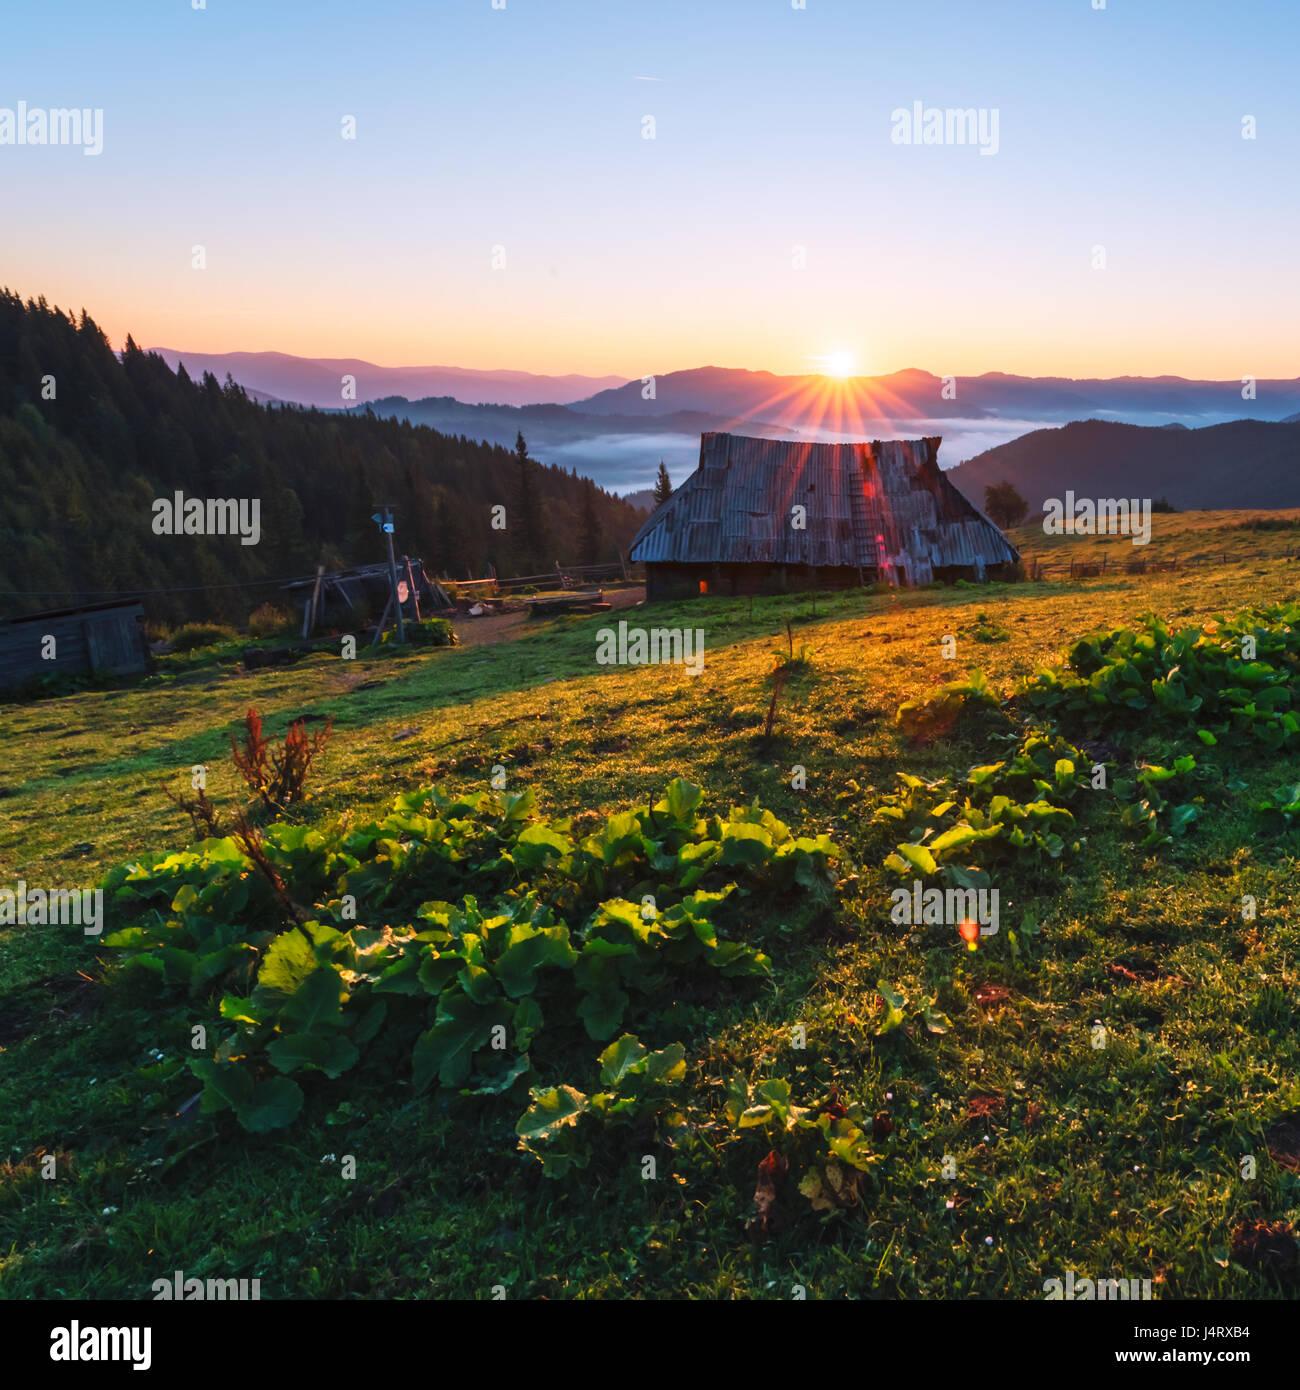 Shepherd House en haute montagne. Sunrice Orange allumé par la lumière du soleil. L'heure d'été Photo Stock